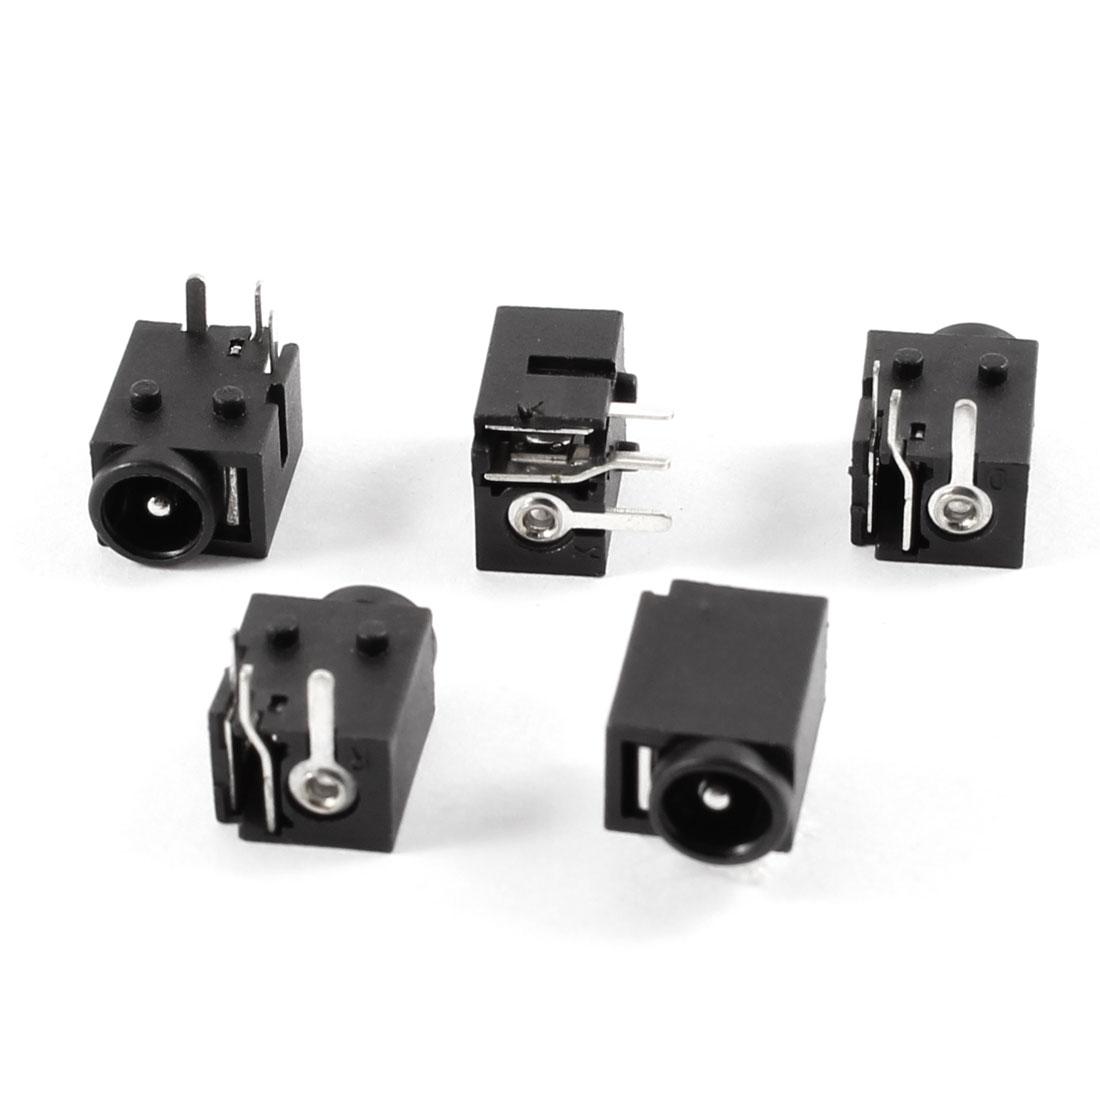 5 Pcs PJ037 DC Power Jack Connector for Gateway Solo 3400 3450